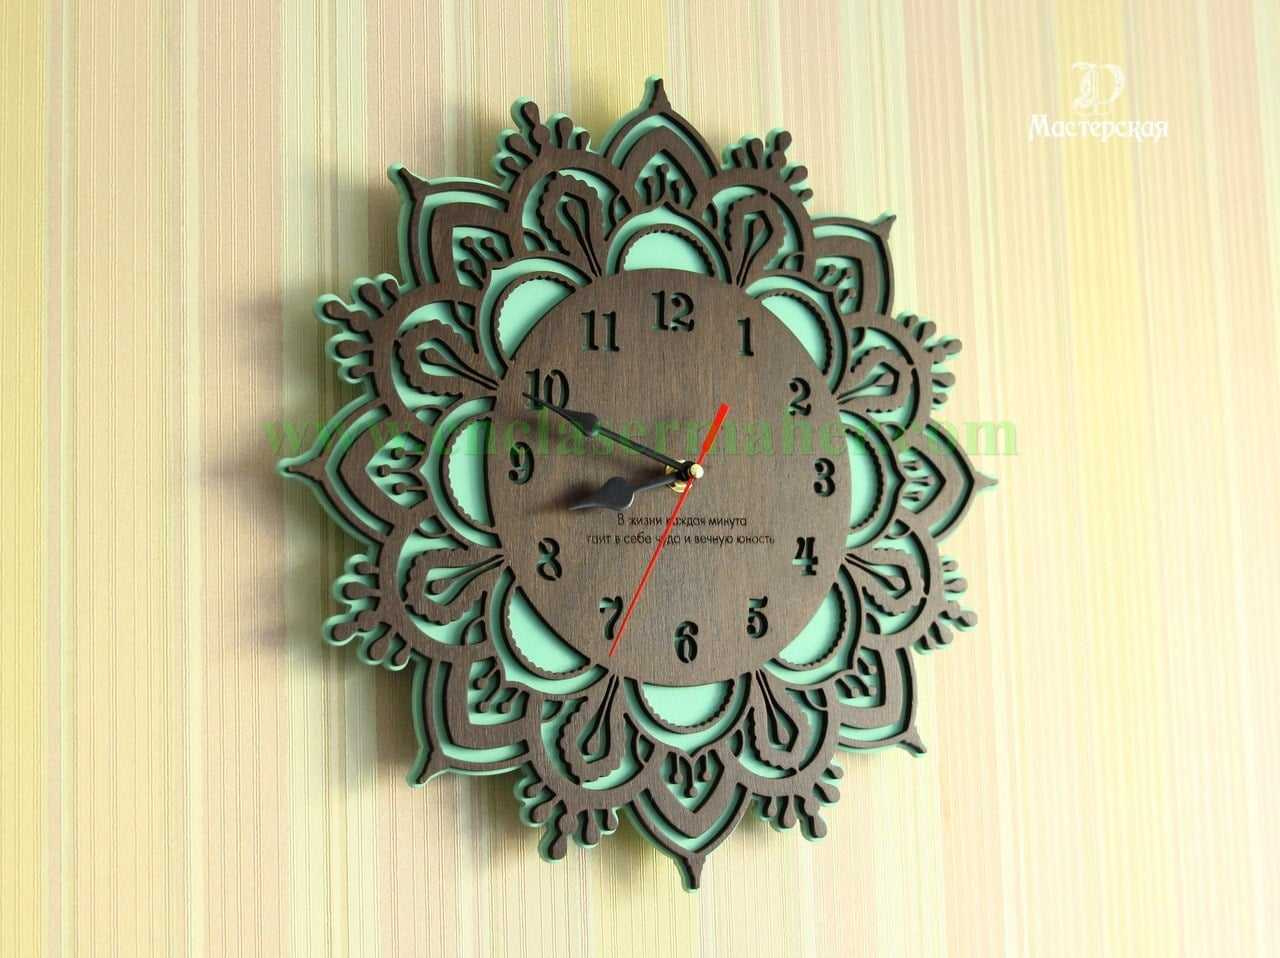 ساعت دیواری چوبی طرح رایگان دستگاه برش و حکاکی لیزر co2